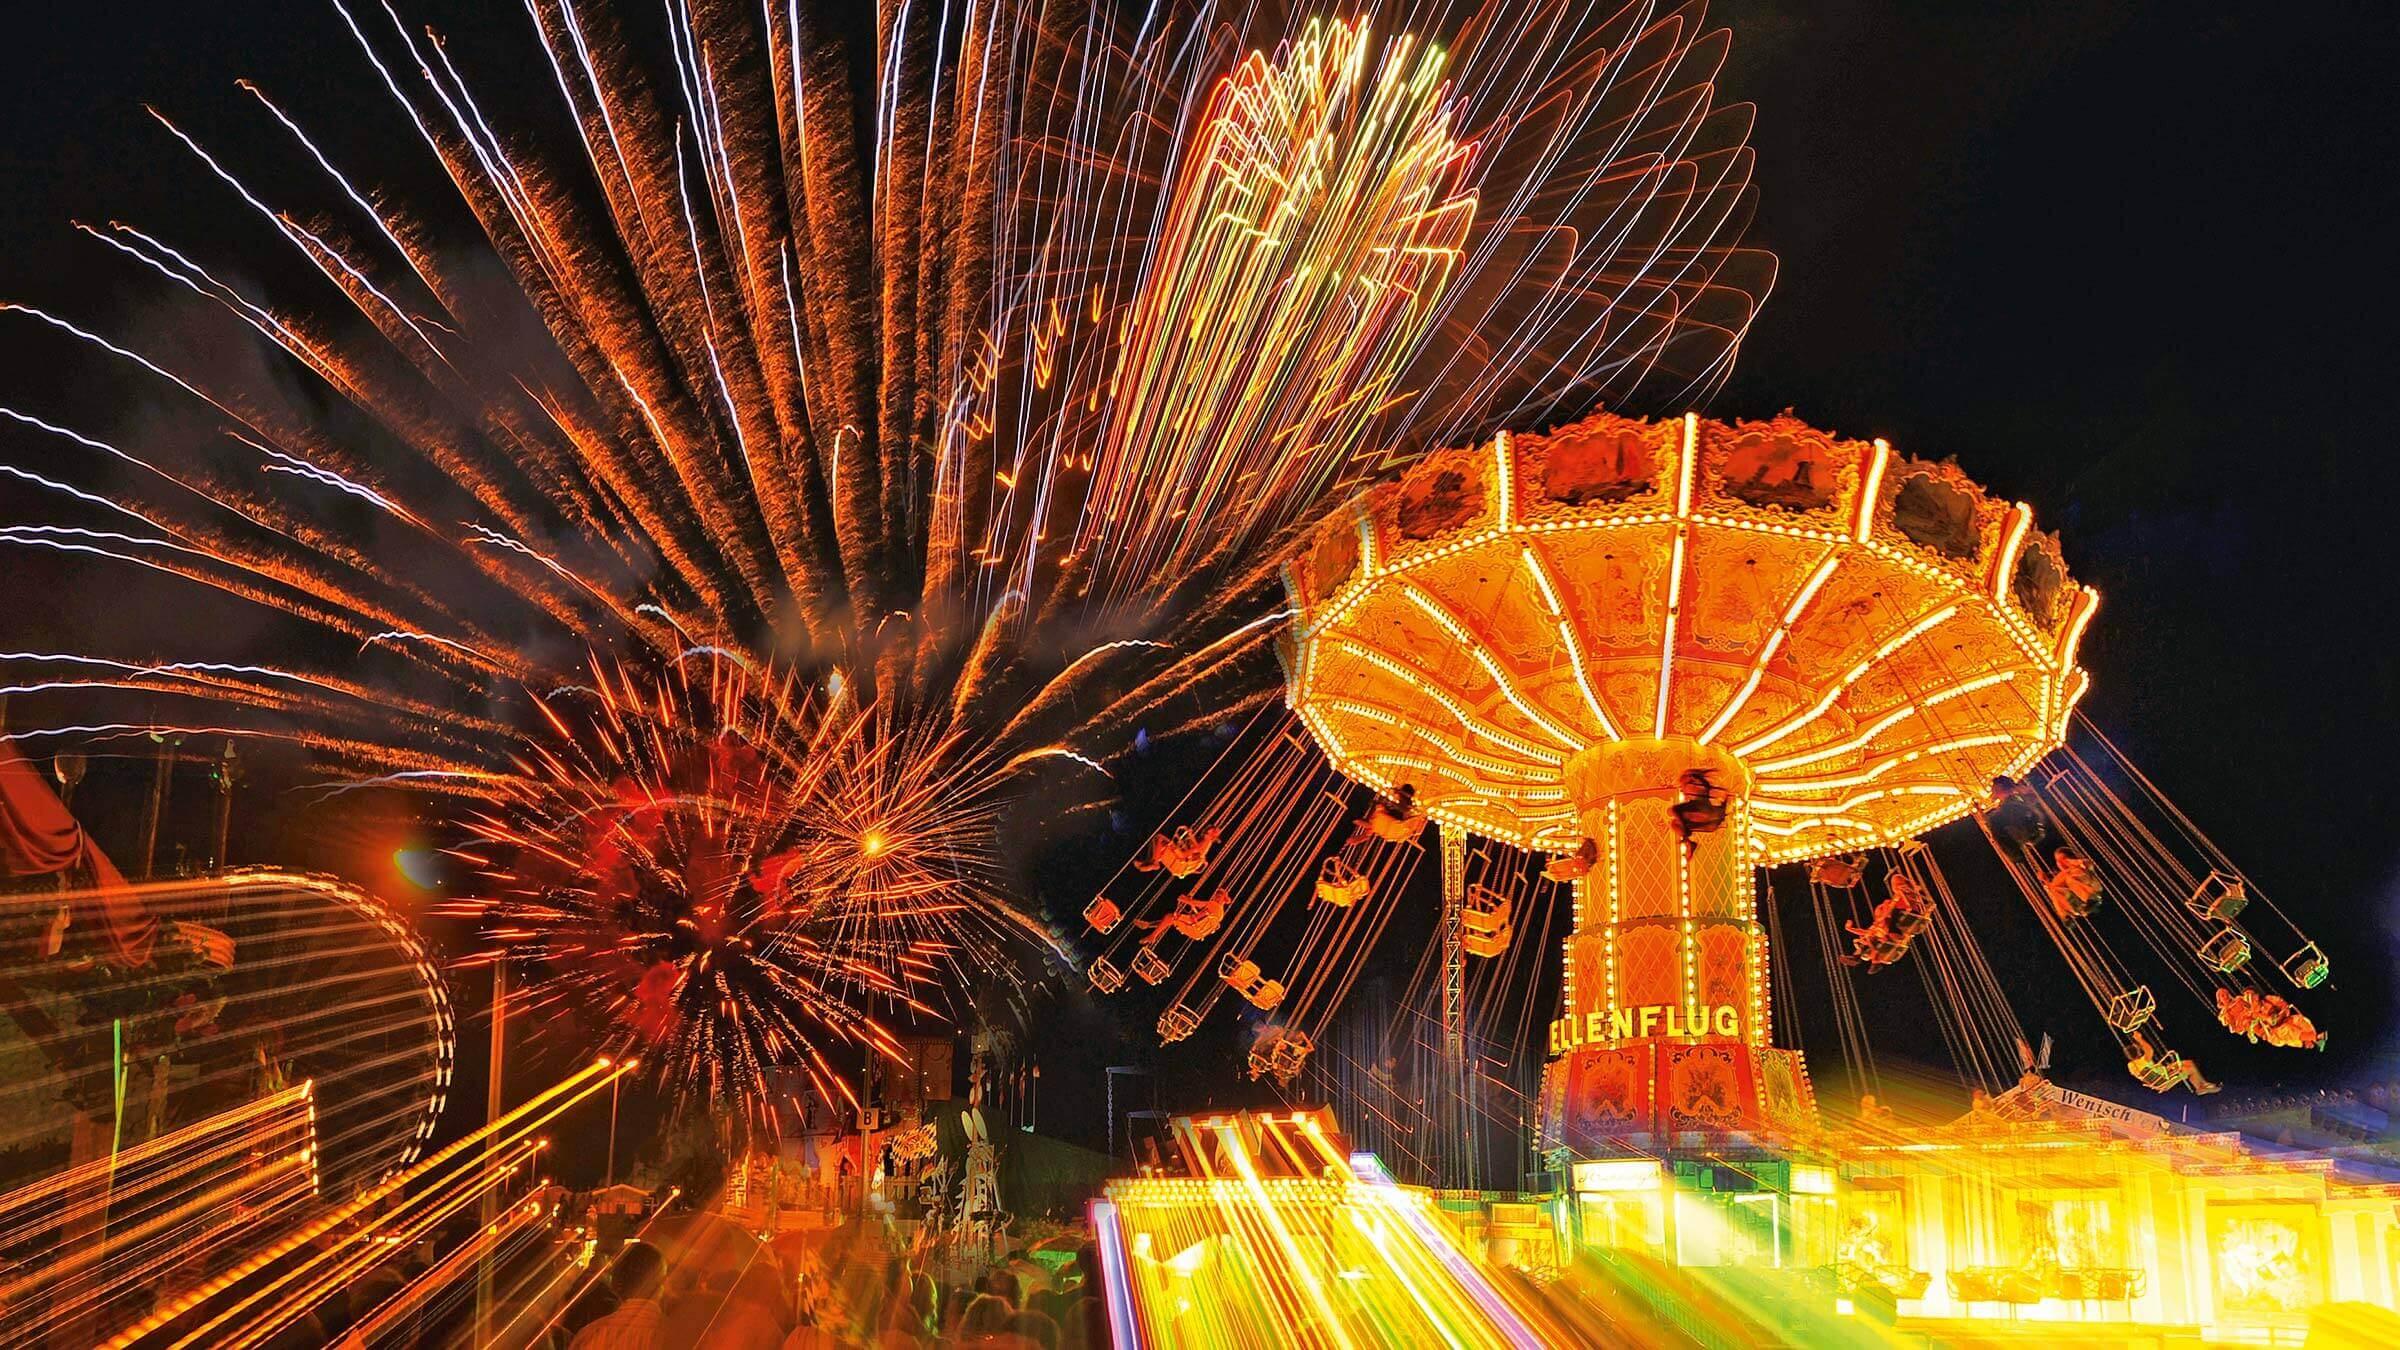 Das Beleuchtete Ketten-Karussell bei Nacht, mit Feuerwerk am Himmel